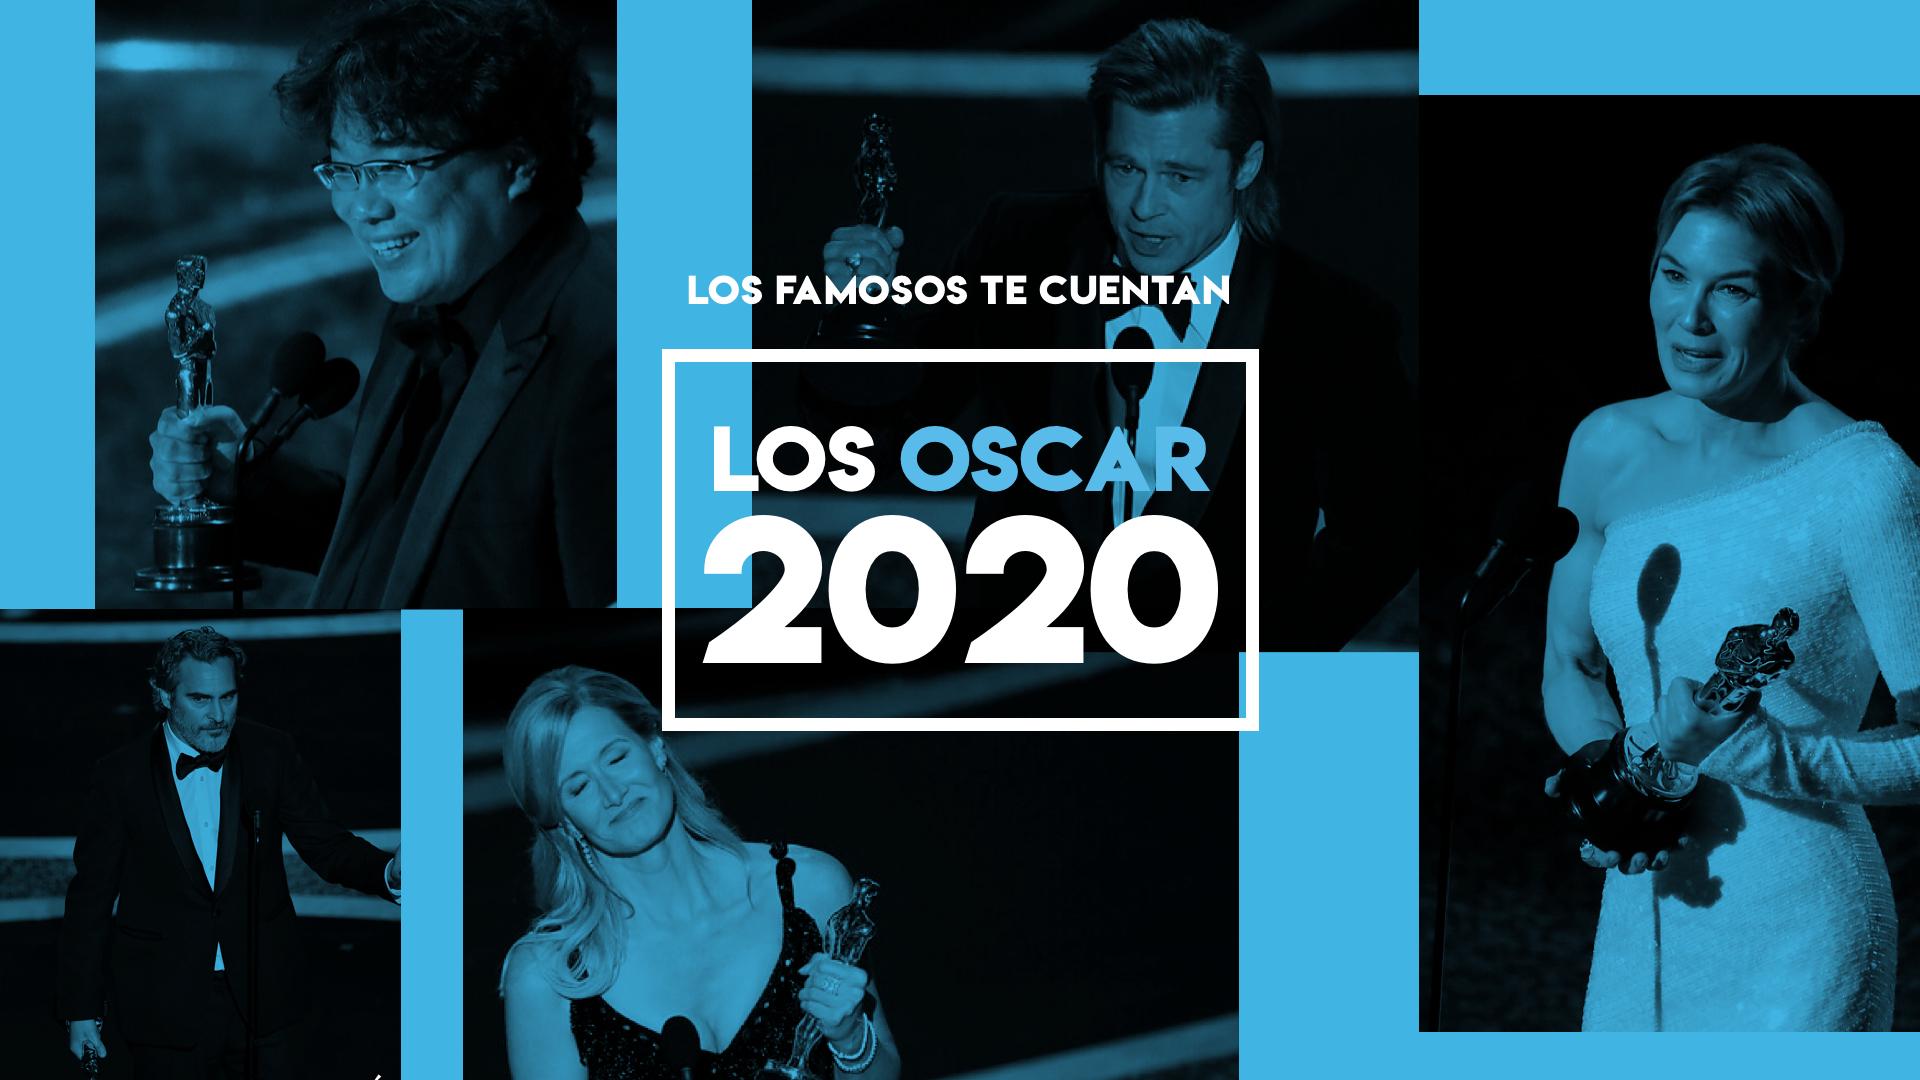 Los Oscar 2020, contados por los famosos en sus redes